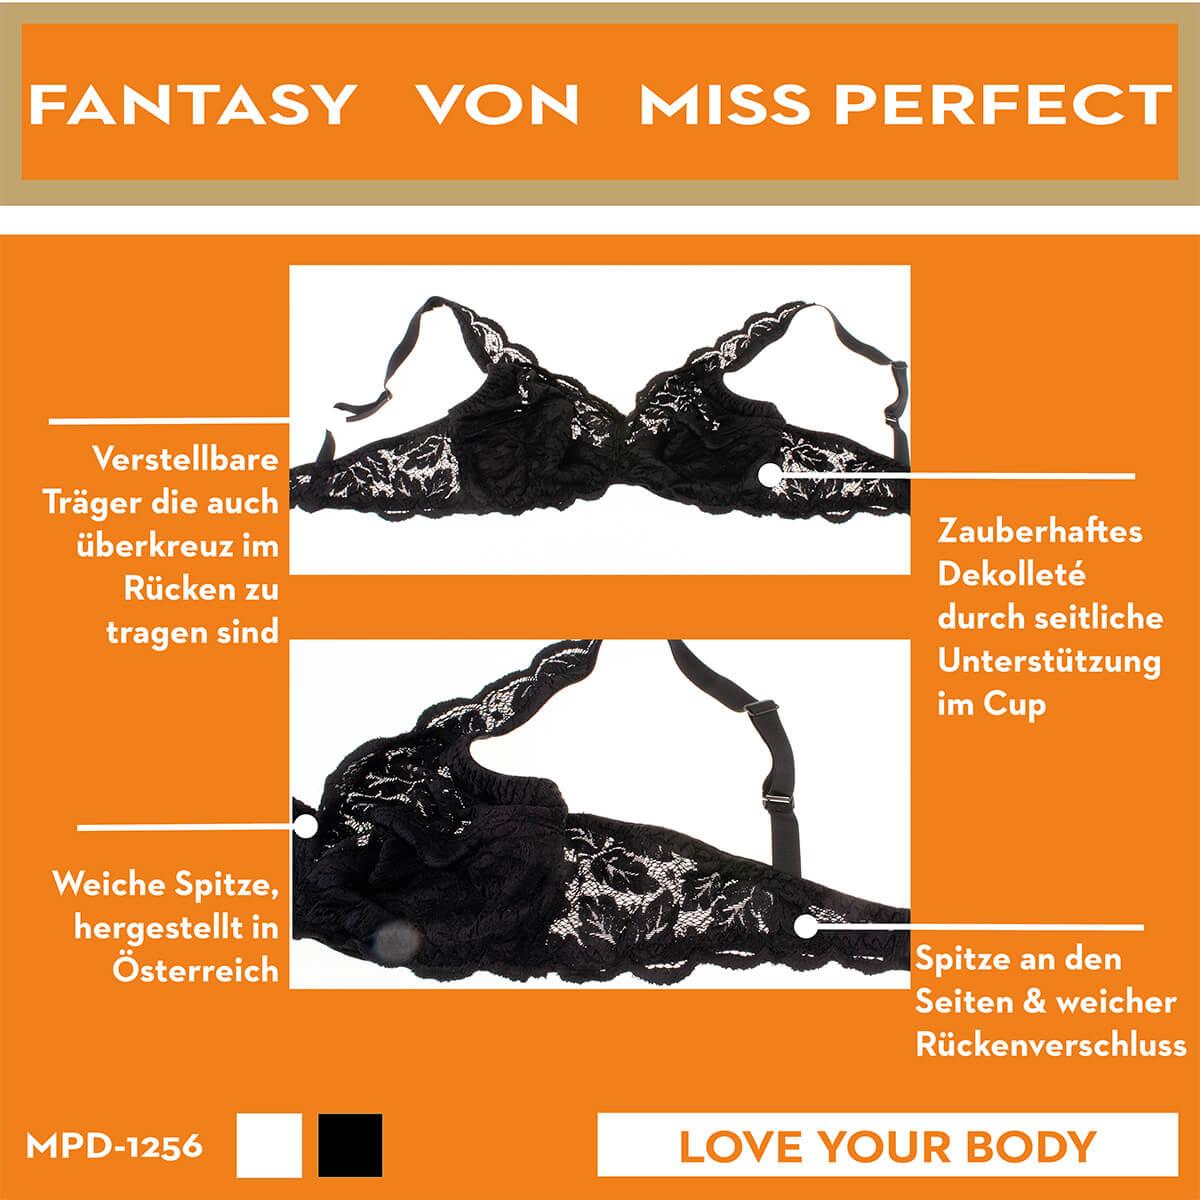 Miss Perfect Dessous Fantasy Soft BH ohne Bügel mit Spitze in Schwarz oder Weiß